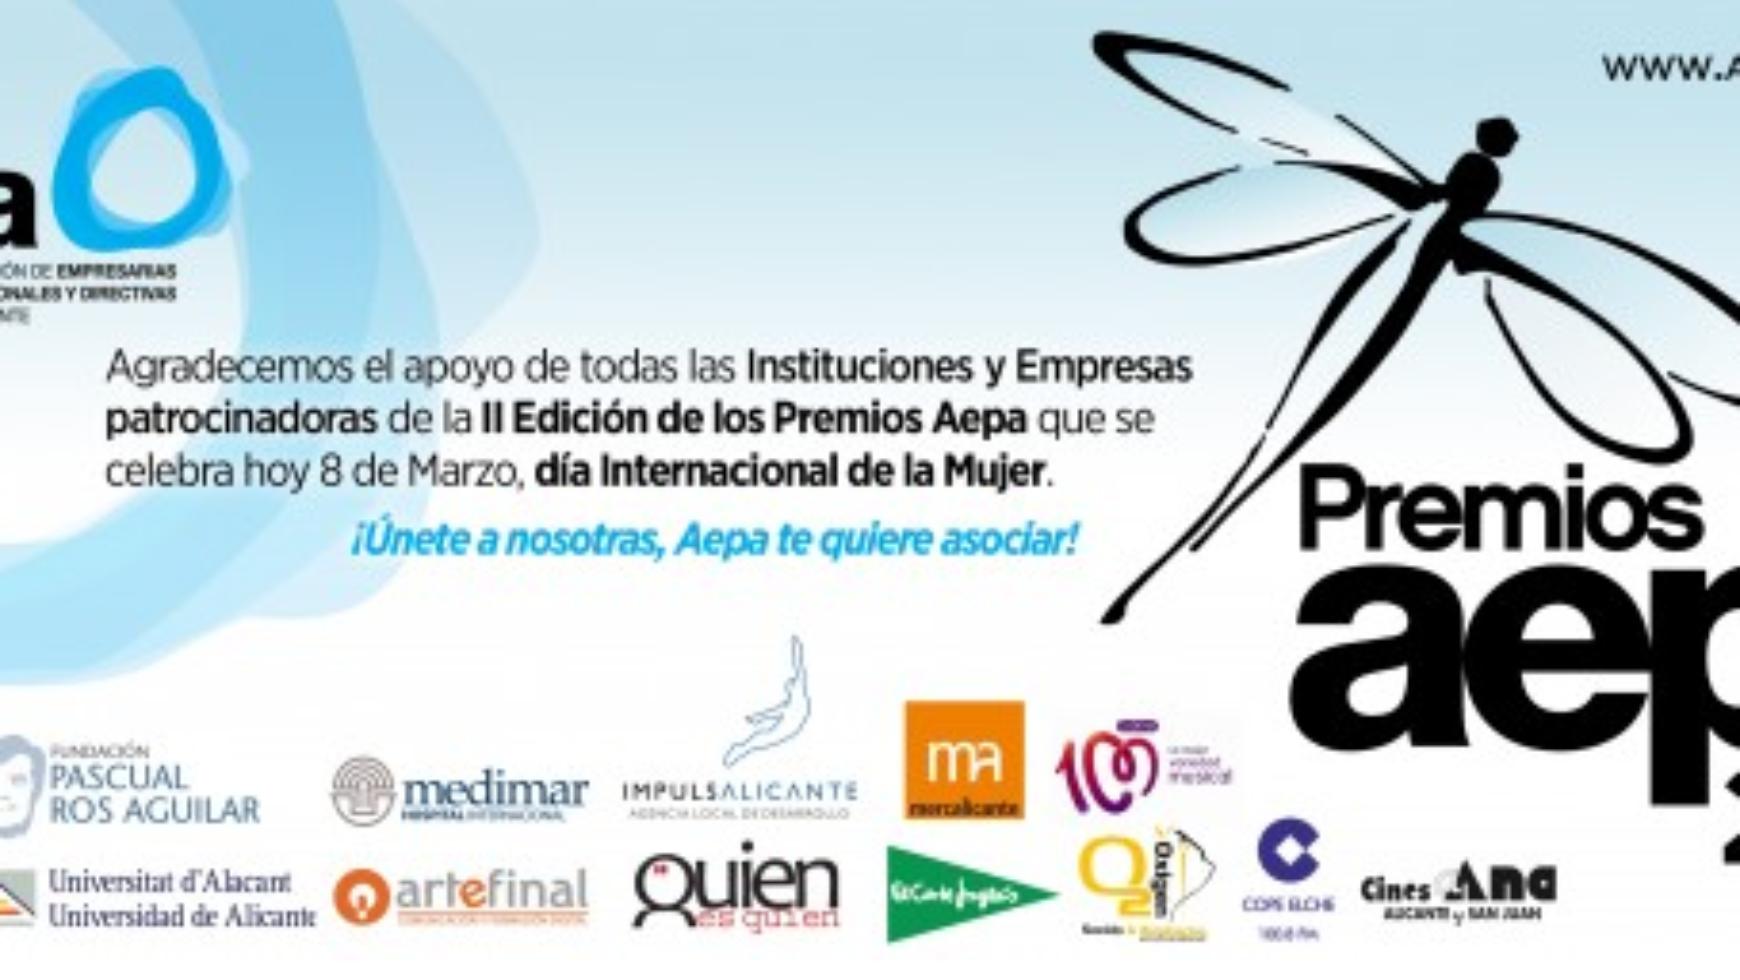 Aepa celebra la II edición de sus premios